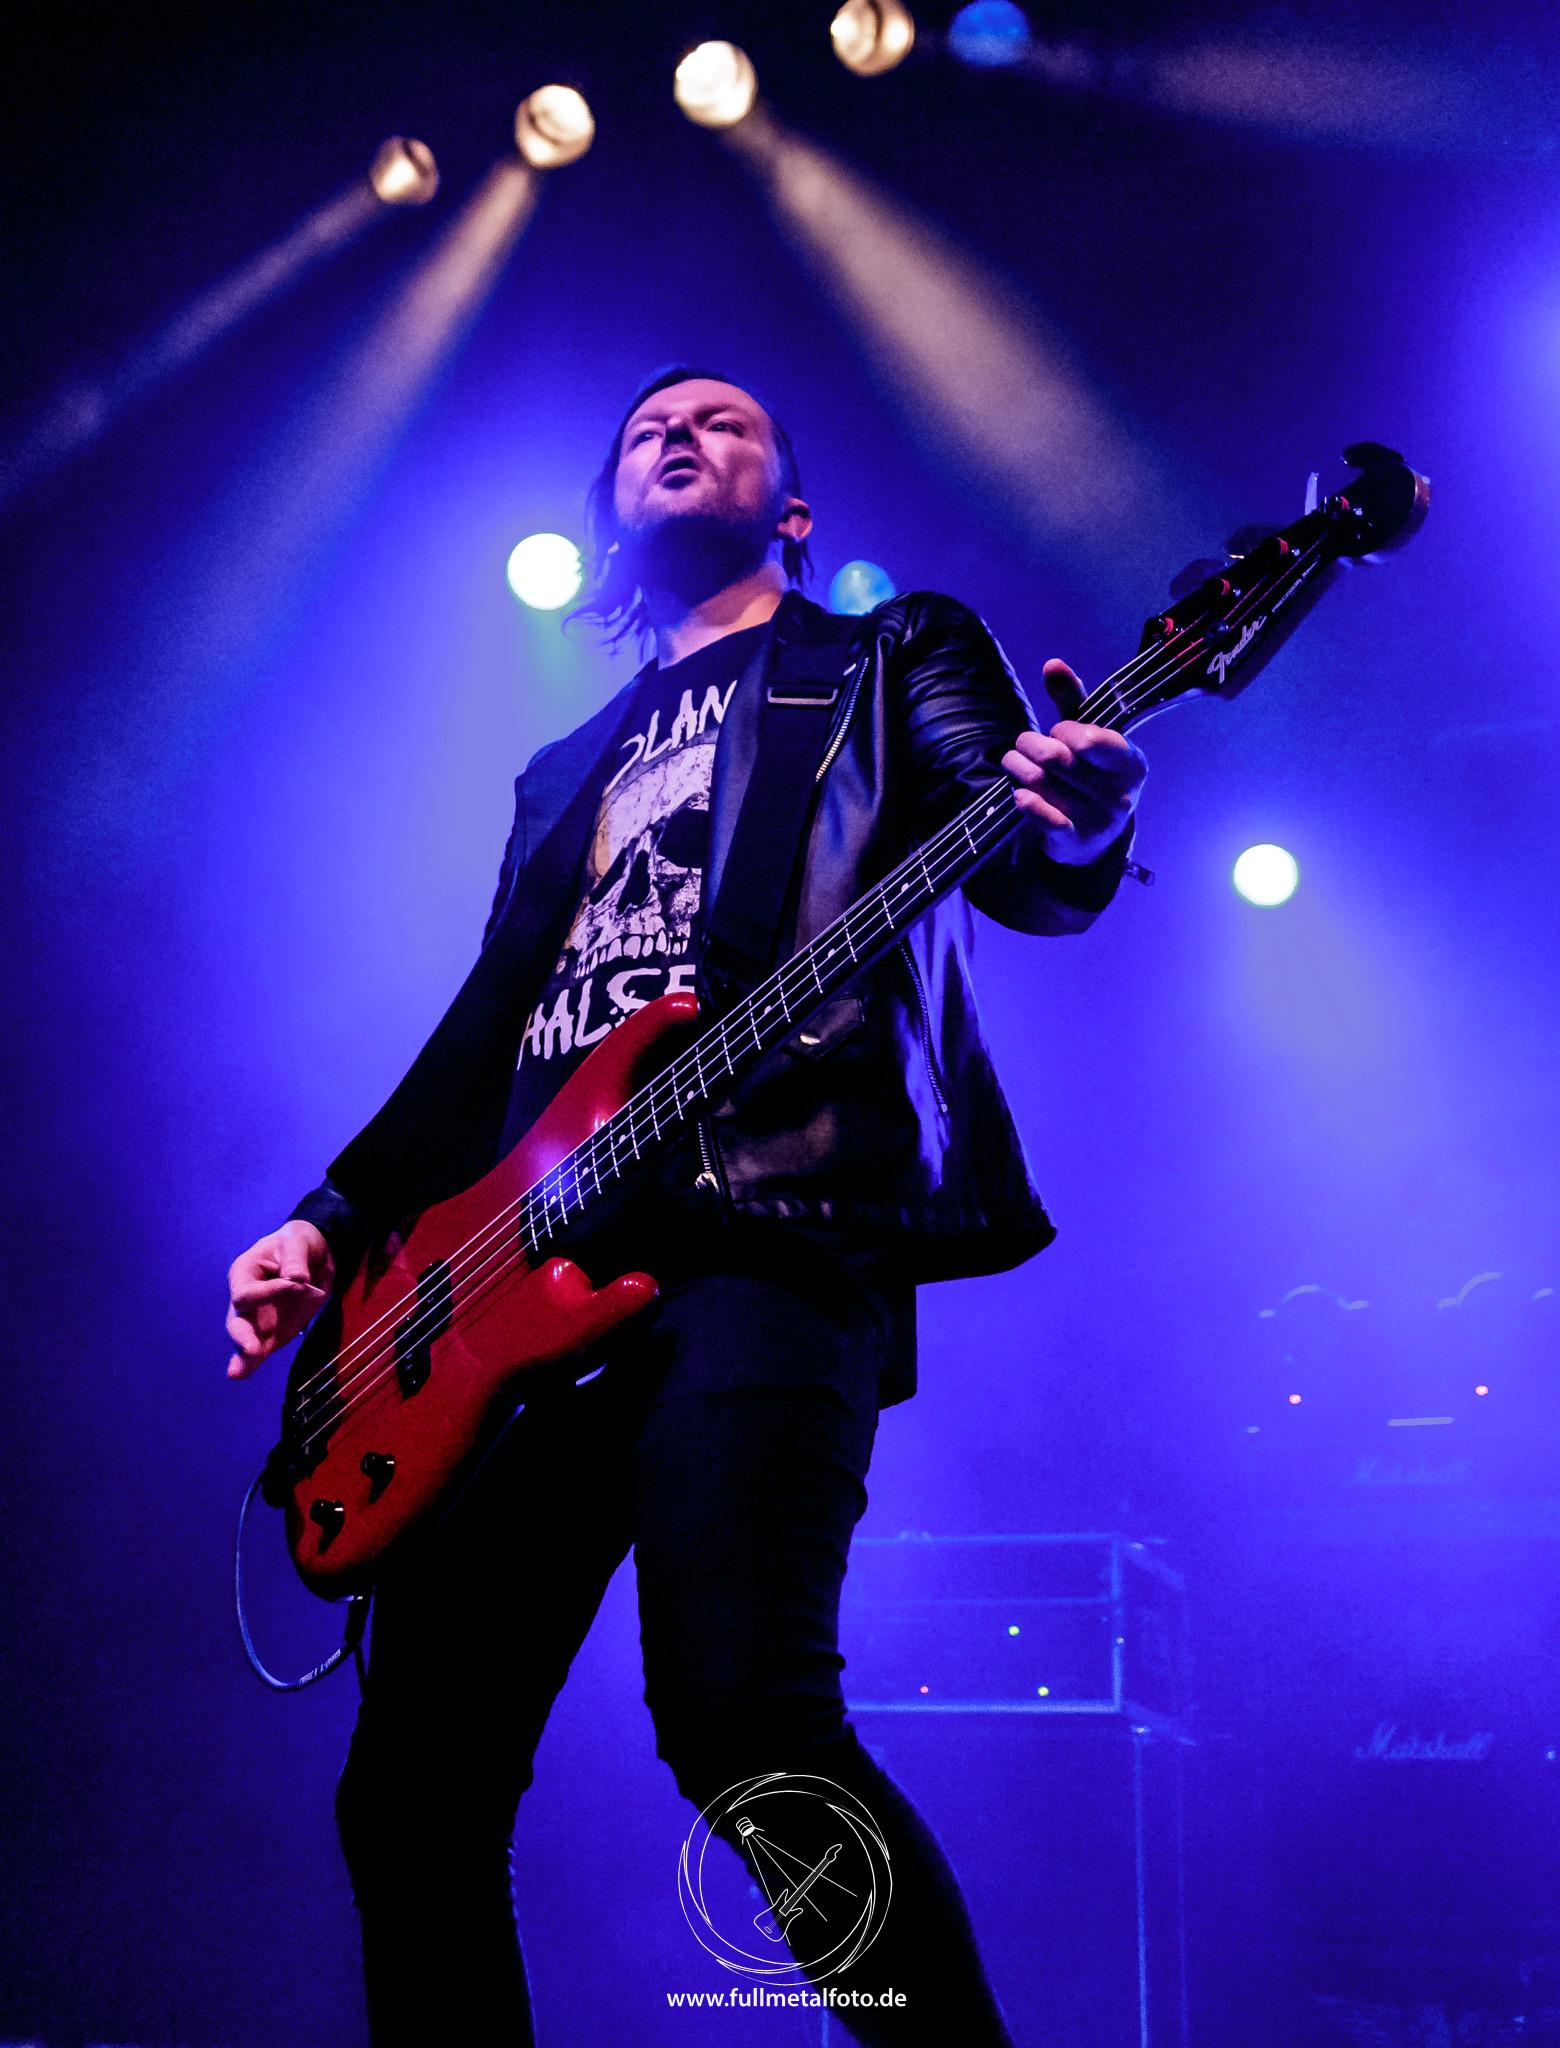 Saxon Tour 2018, Frankfurt, Full Metal Foto 1